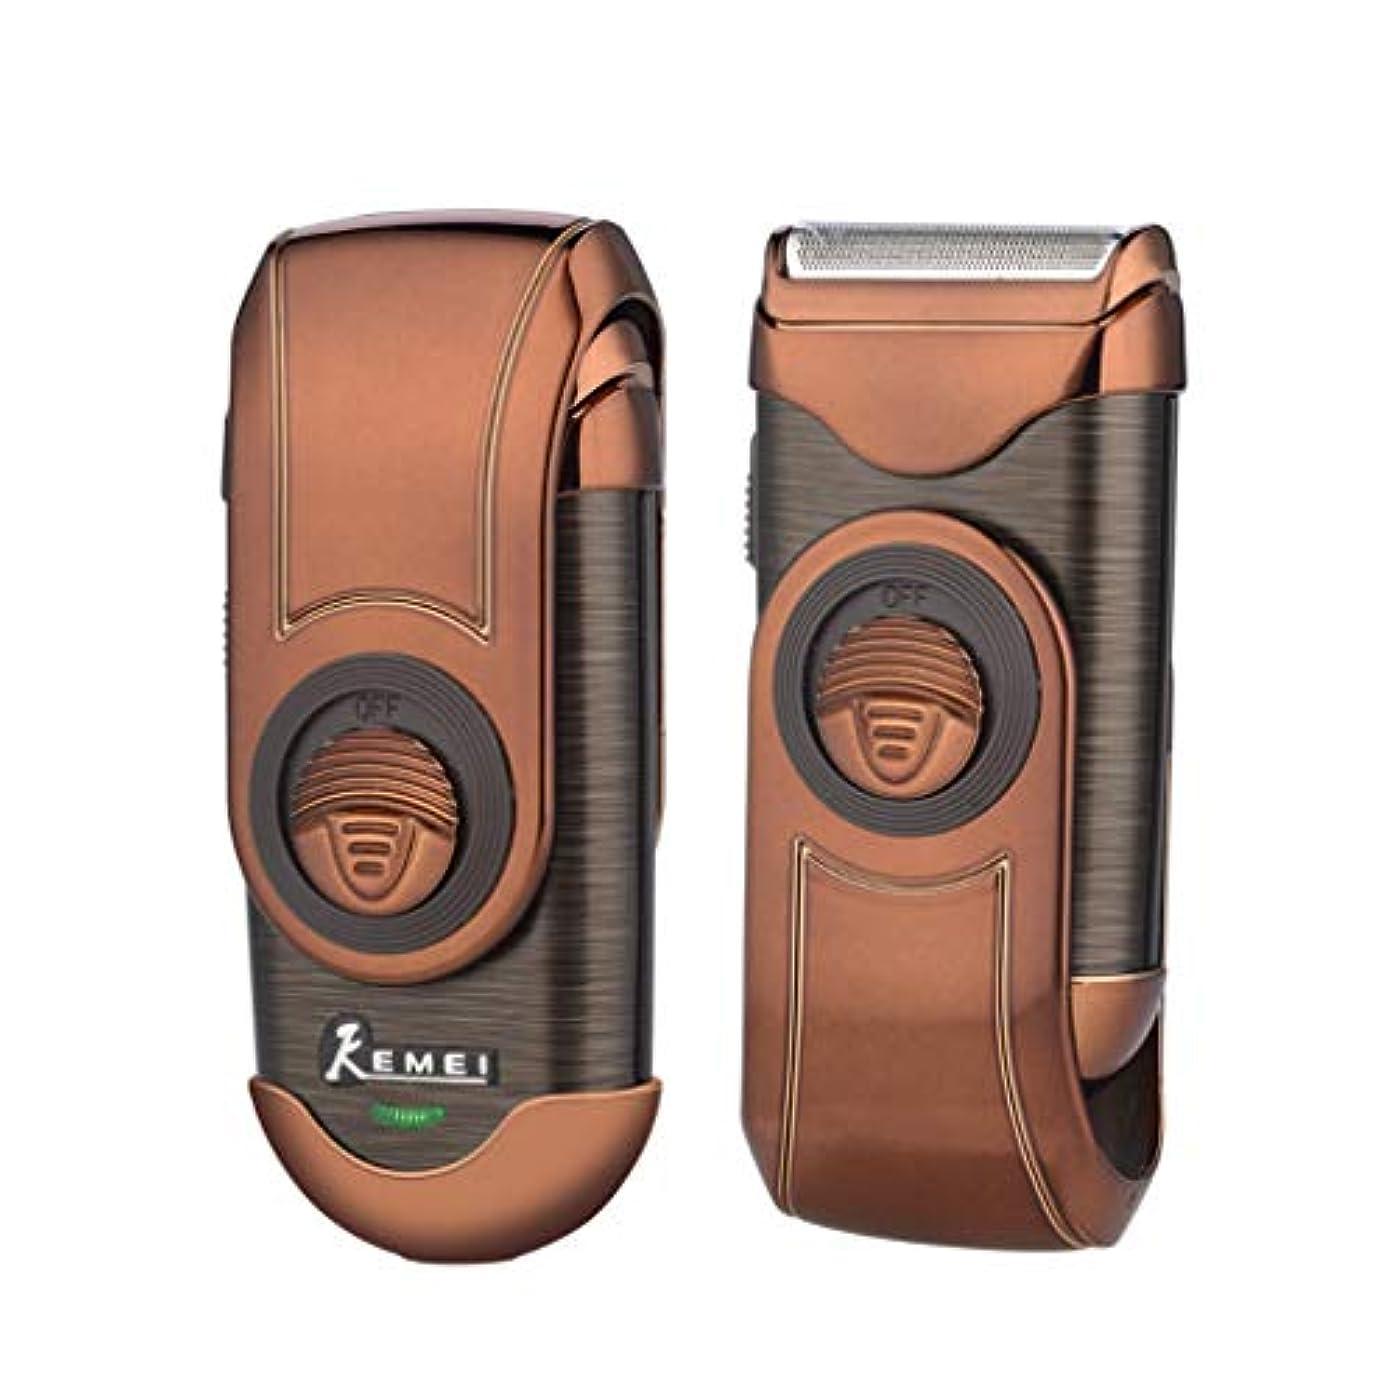 効果的スラック世界記録のギネスブック電動シェーバー 往復式 髭剃り 髪カット 携帯用メンズシェーバー トリマー付き 替え刃 旅行や出張に便利 ゴールド